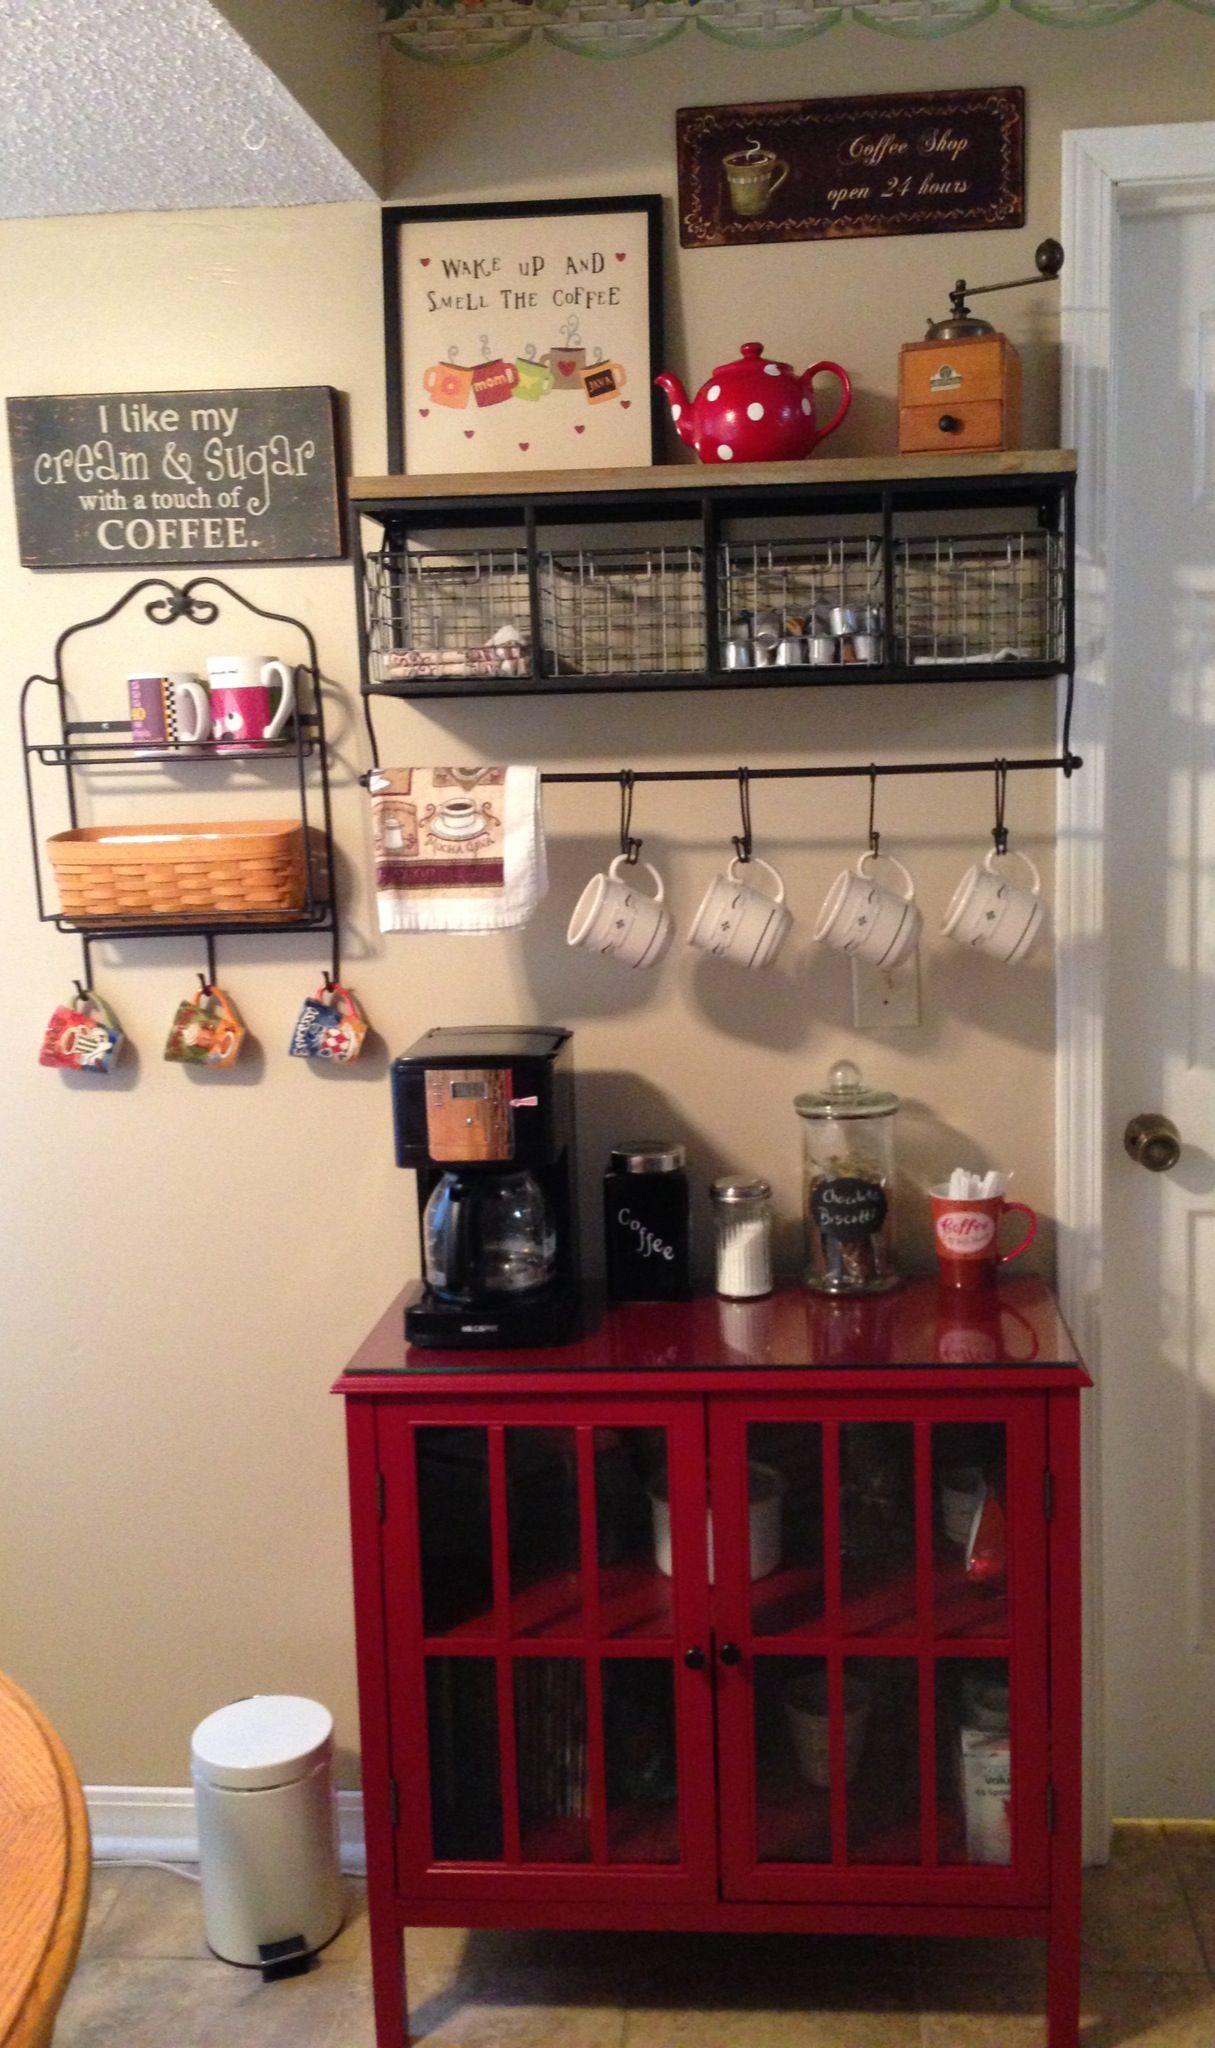 cantinho para café apto - Pesquisa Google | For the Home | Pinterest ...